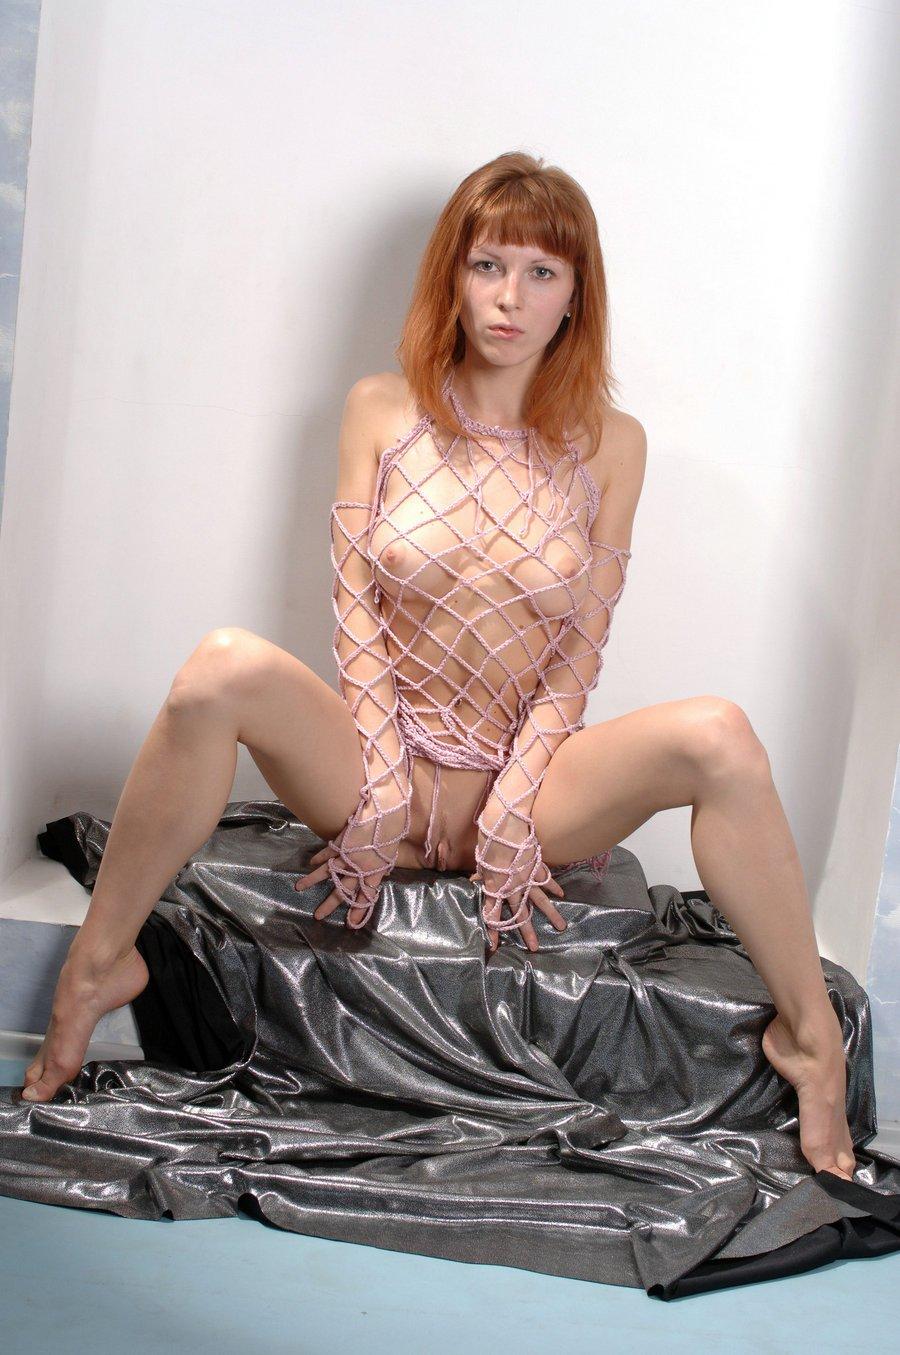 皮肤白嫩身材好的金发靓妹,【人体艺术】人体艺术摄影